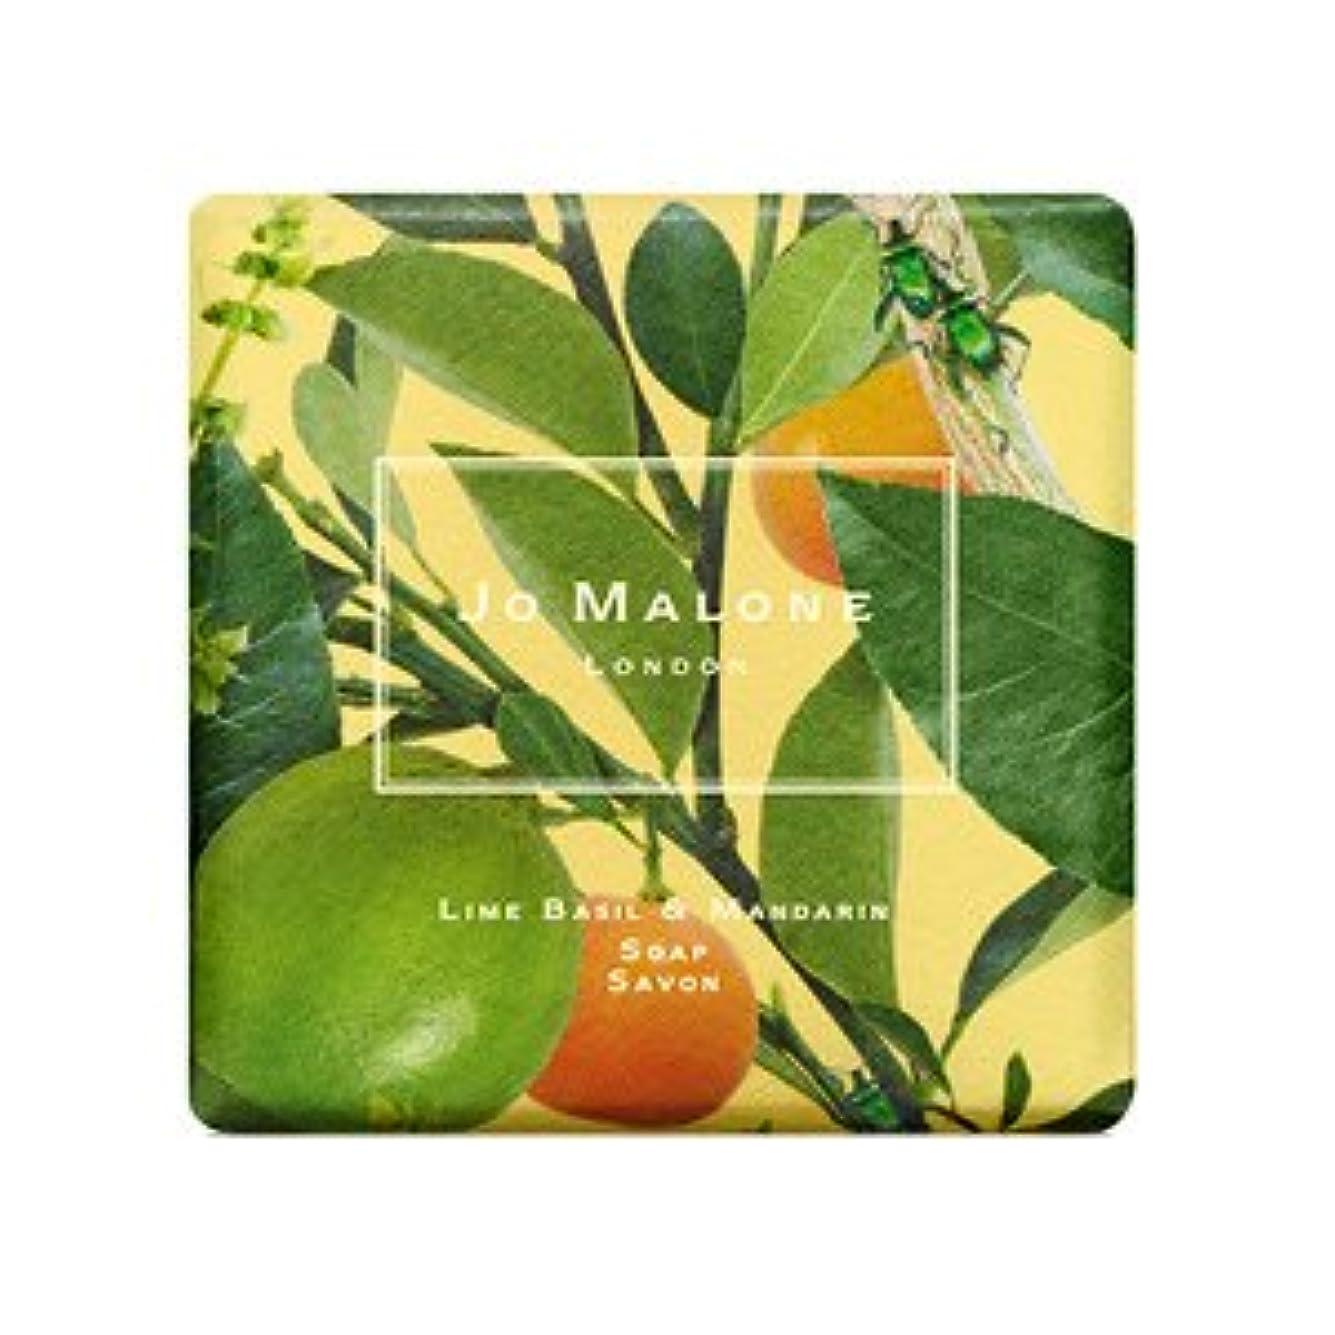 経験的平手打ちなんとなくJO MALONE LONDON (ジョー マローン ロンドン) ライム バジル & マンダリン ソープ